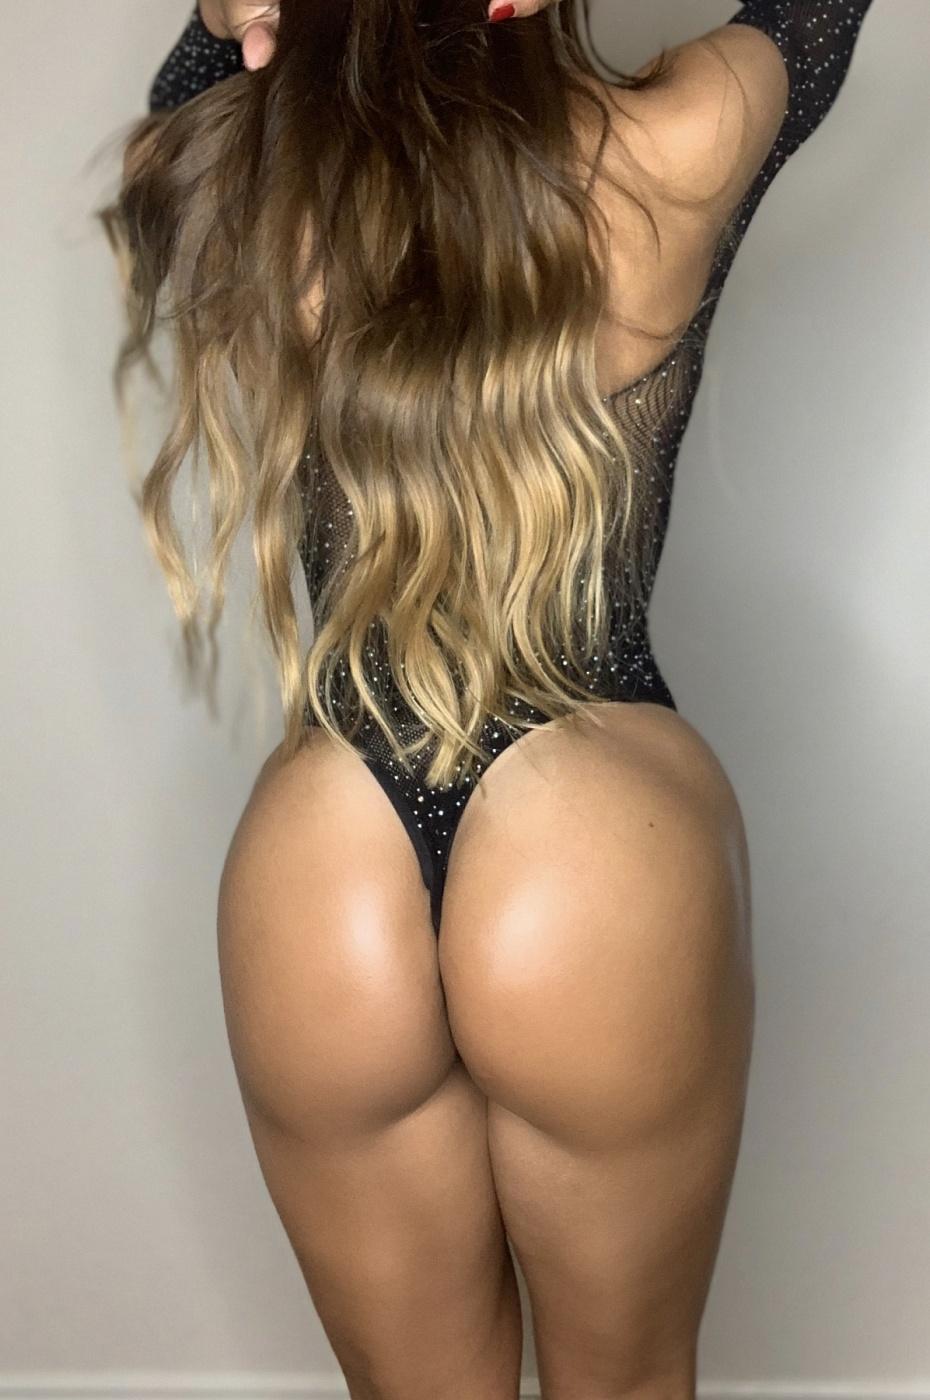 FitnessCardi